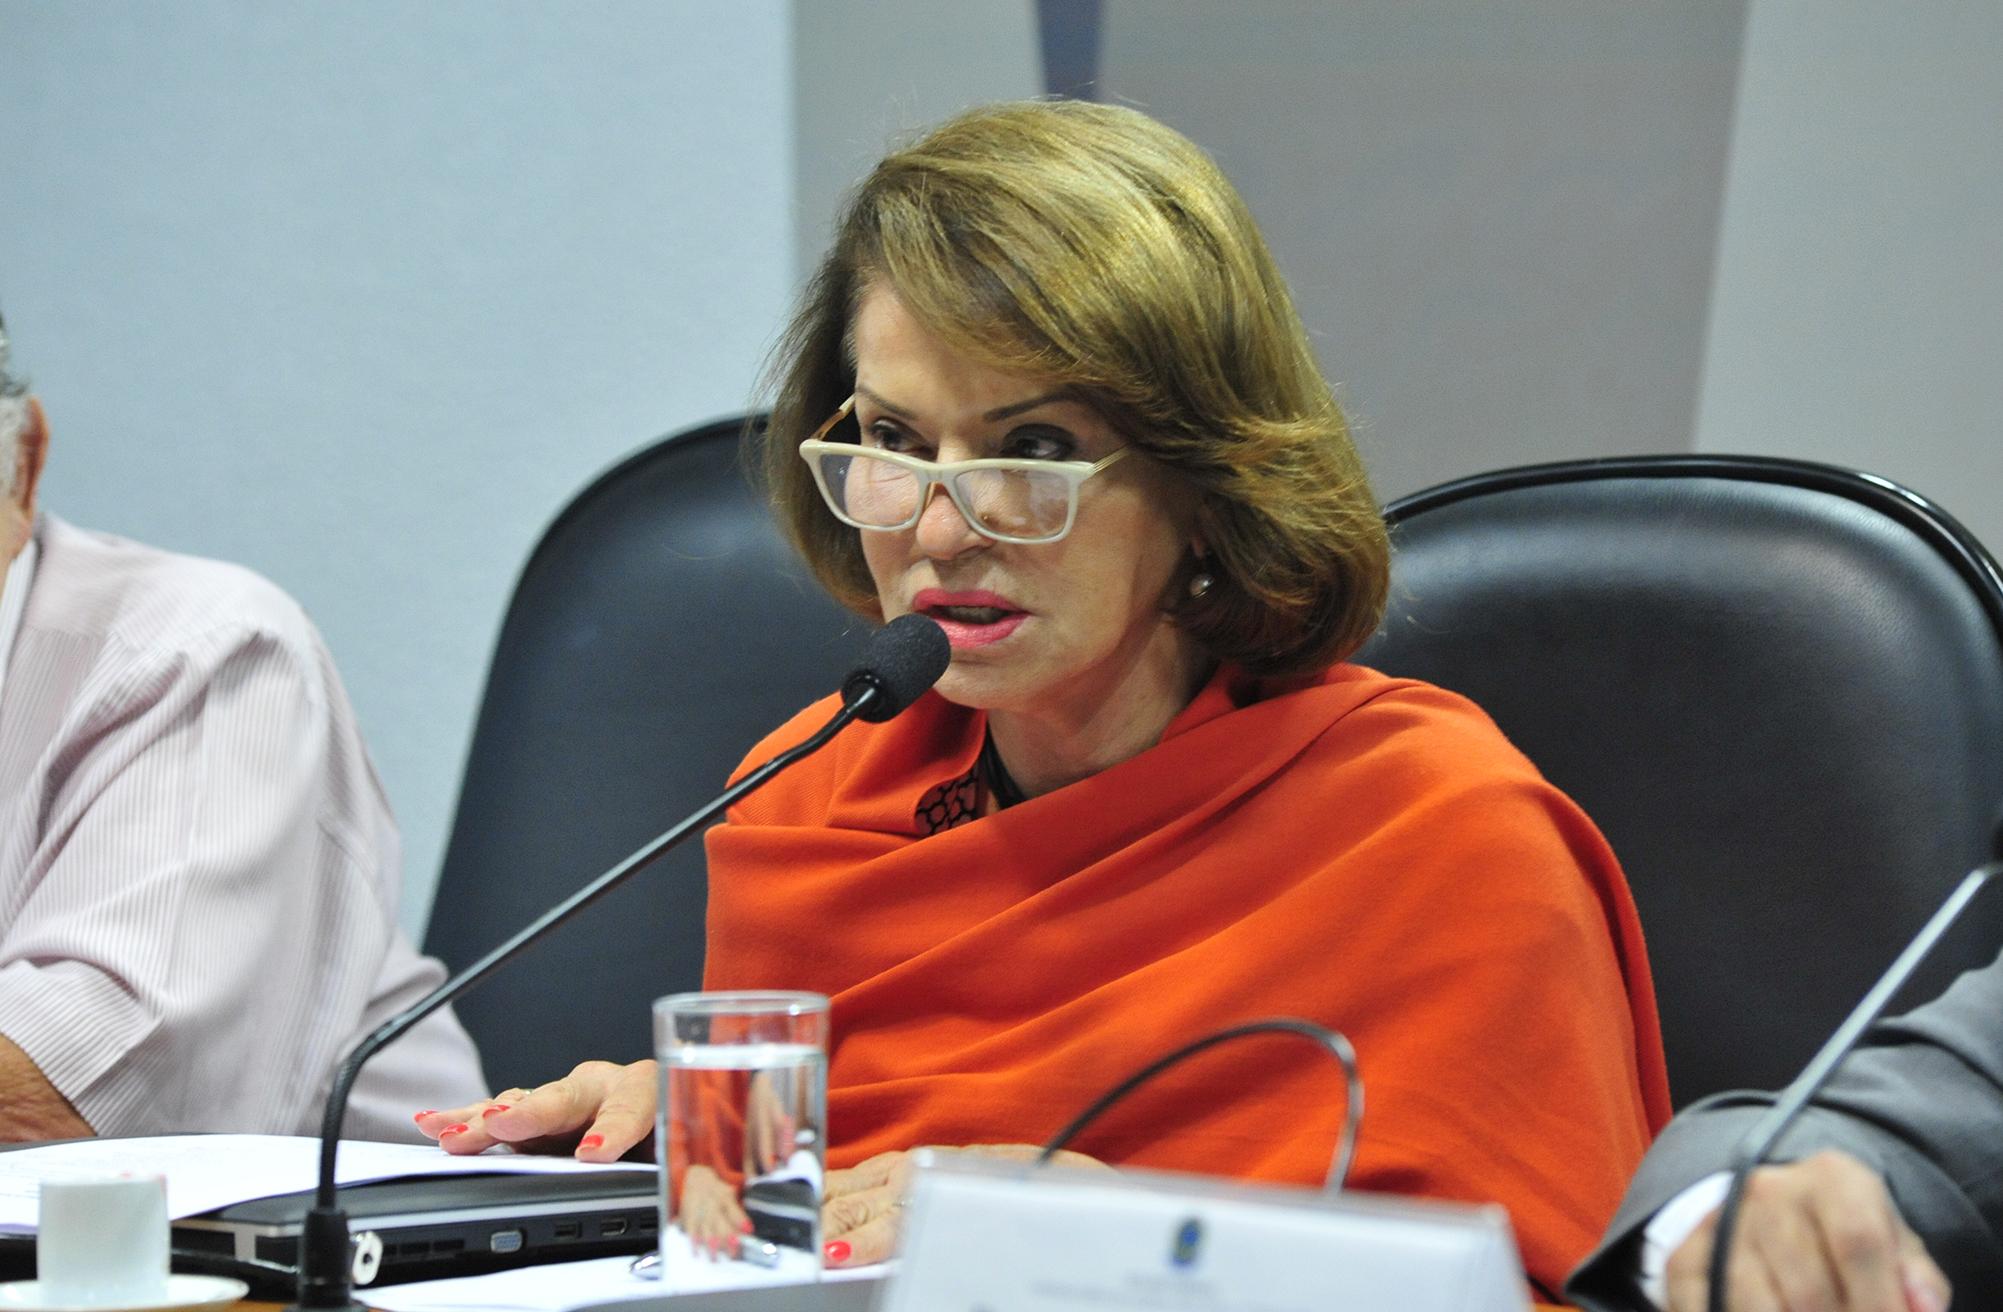 Audiência pública (interativa) da Comissão Mista sobre a MP 746/16, que reforma o currículo do ensino médio. Secretária-executiva do Ministério da Educação, Maria Helena de Castro